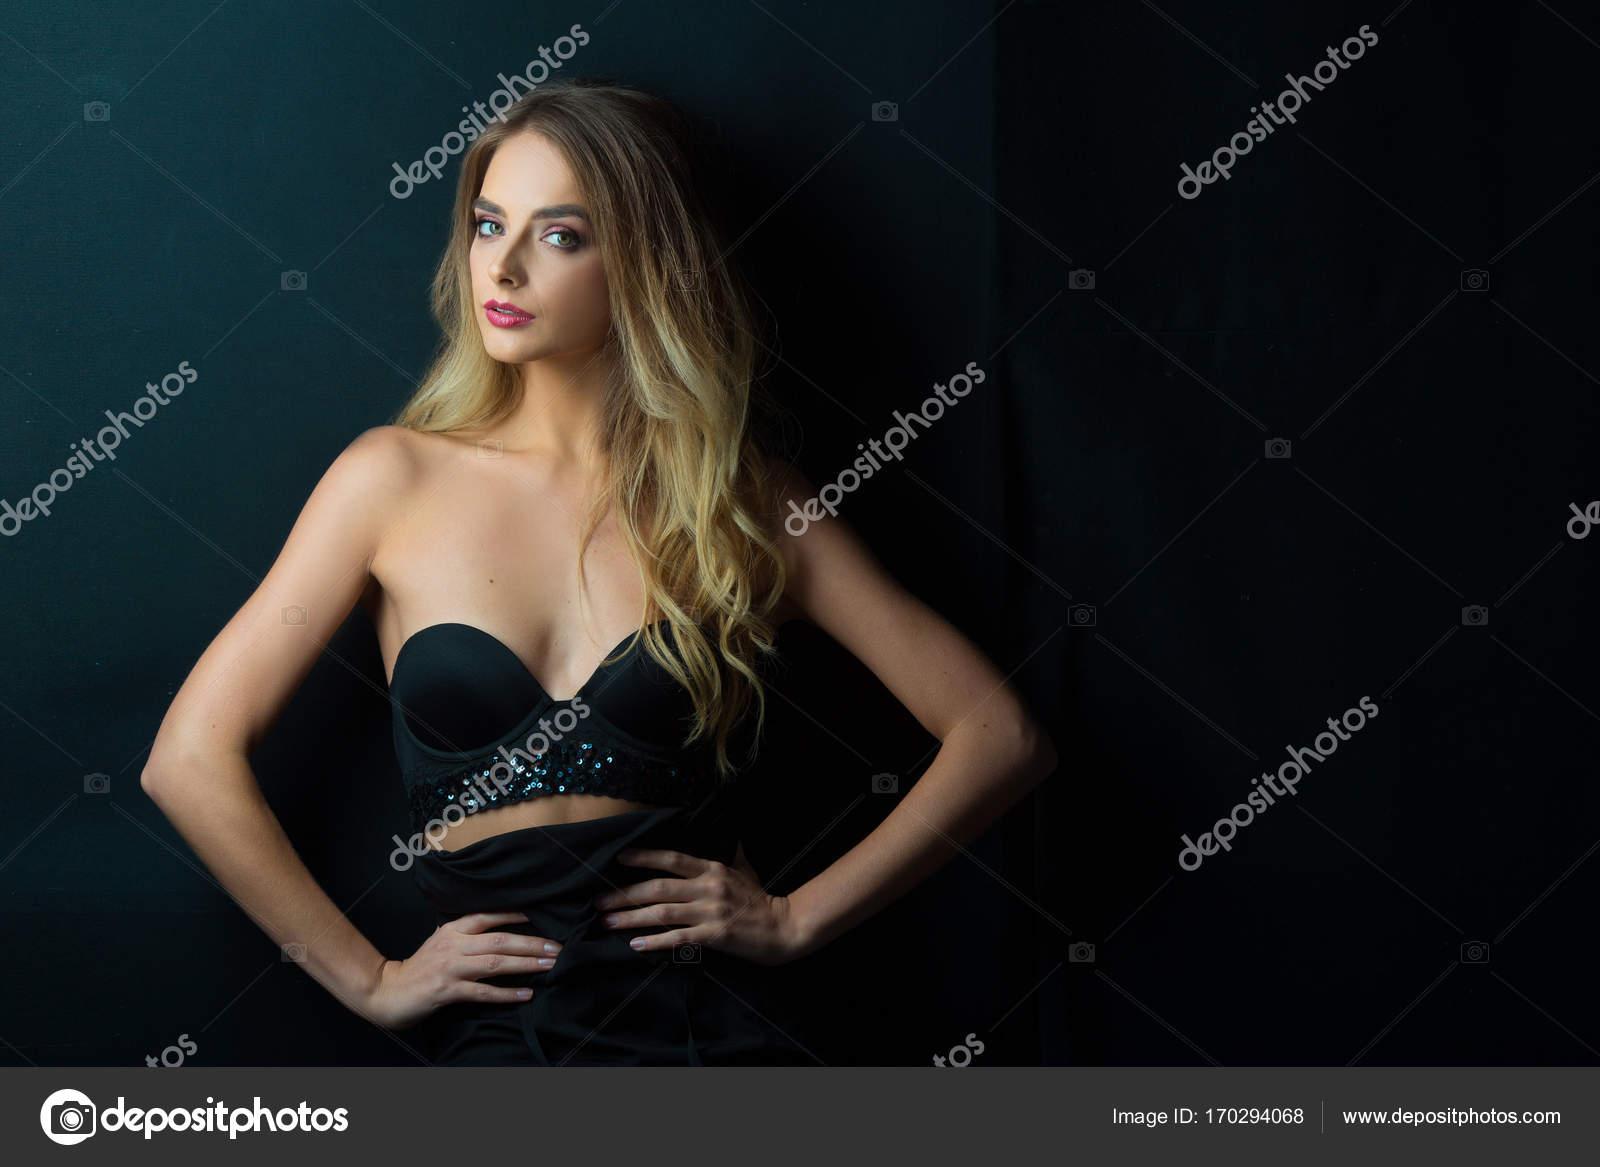 Красивые фото девушек в душе — 10